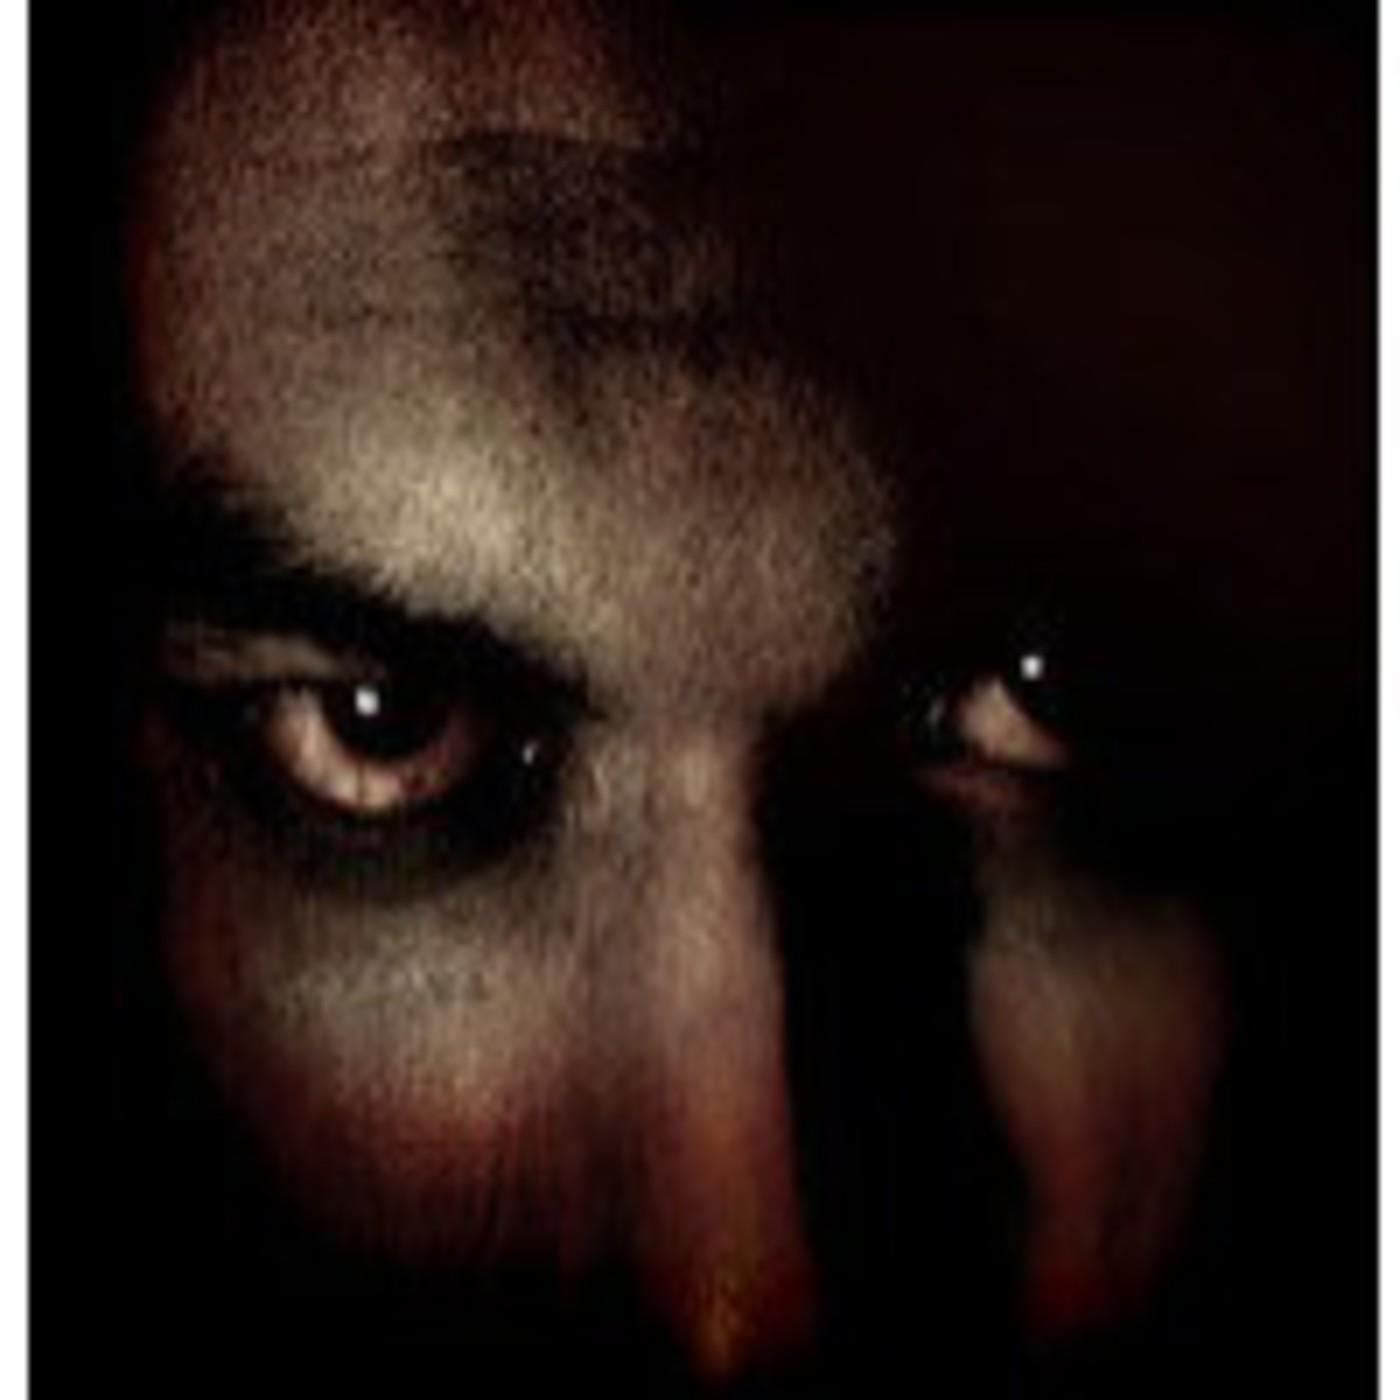 El Abrazo del Oso - Asesinos en serie: Psicópatas sin alma (Programa 03/02/2013)